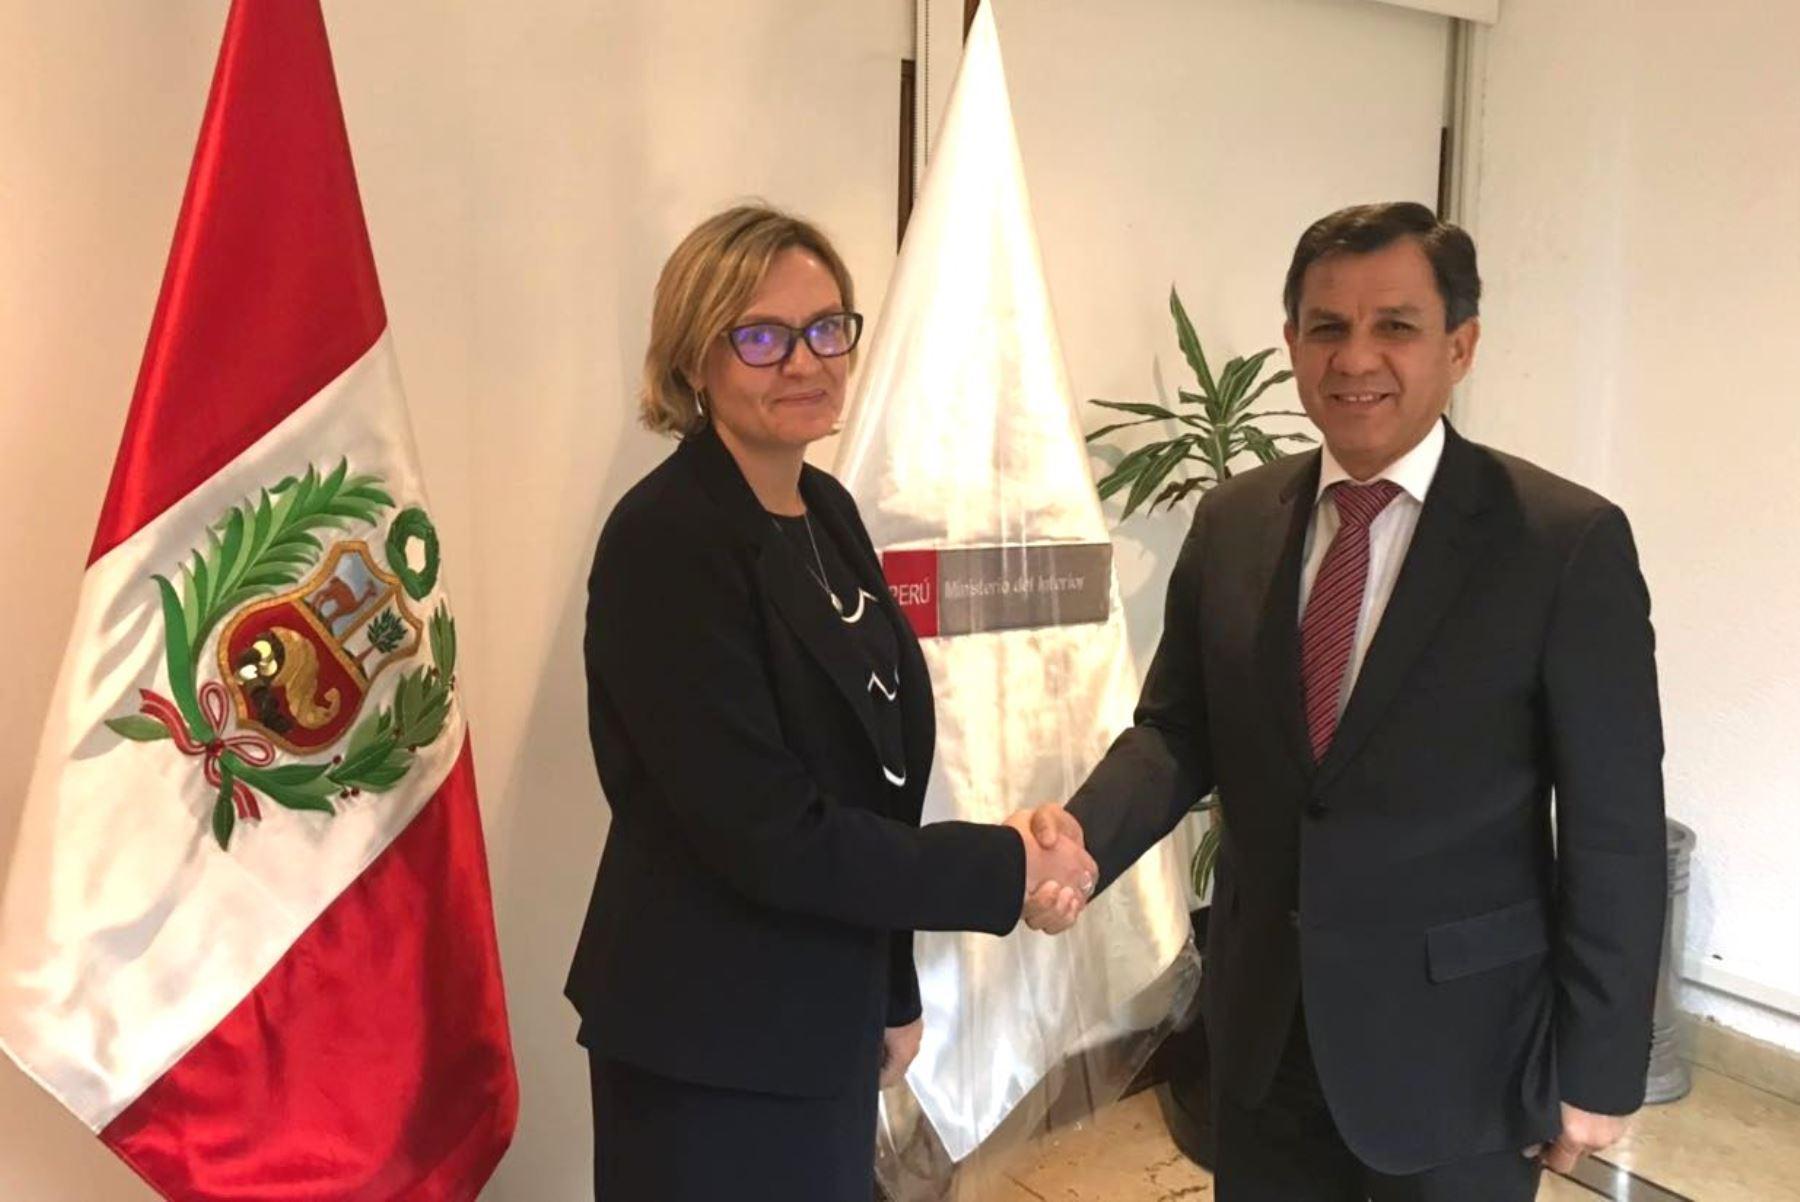 Perú y Reino Unido ratifican compromiso de cooperación técnica contra el crimen. Foto: ANDINA/Difusión.